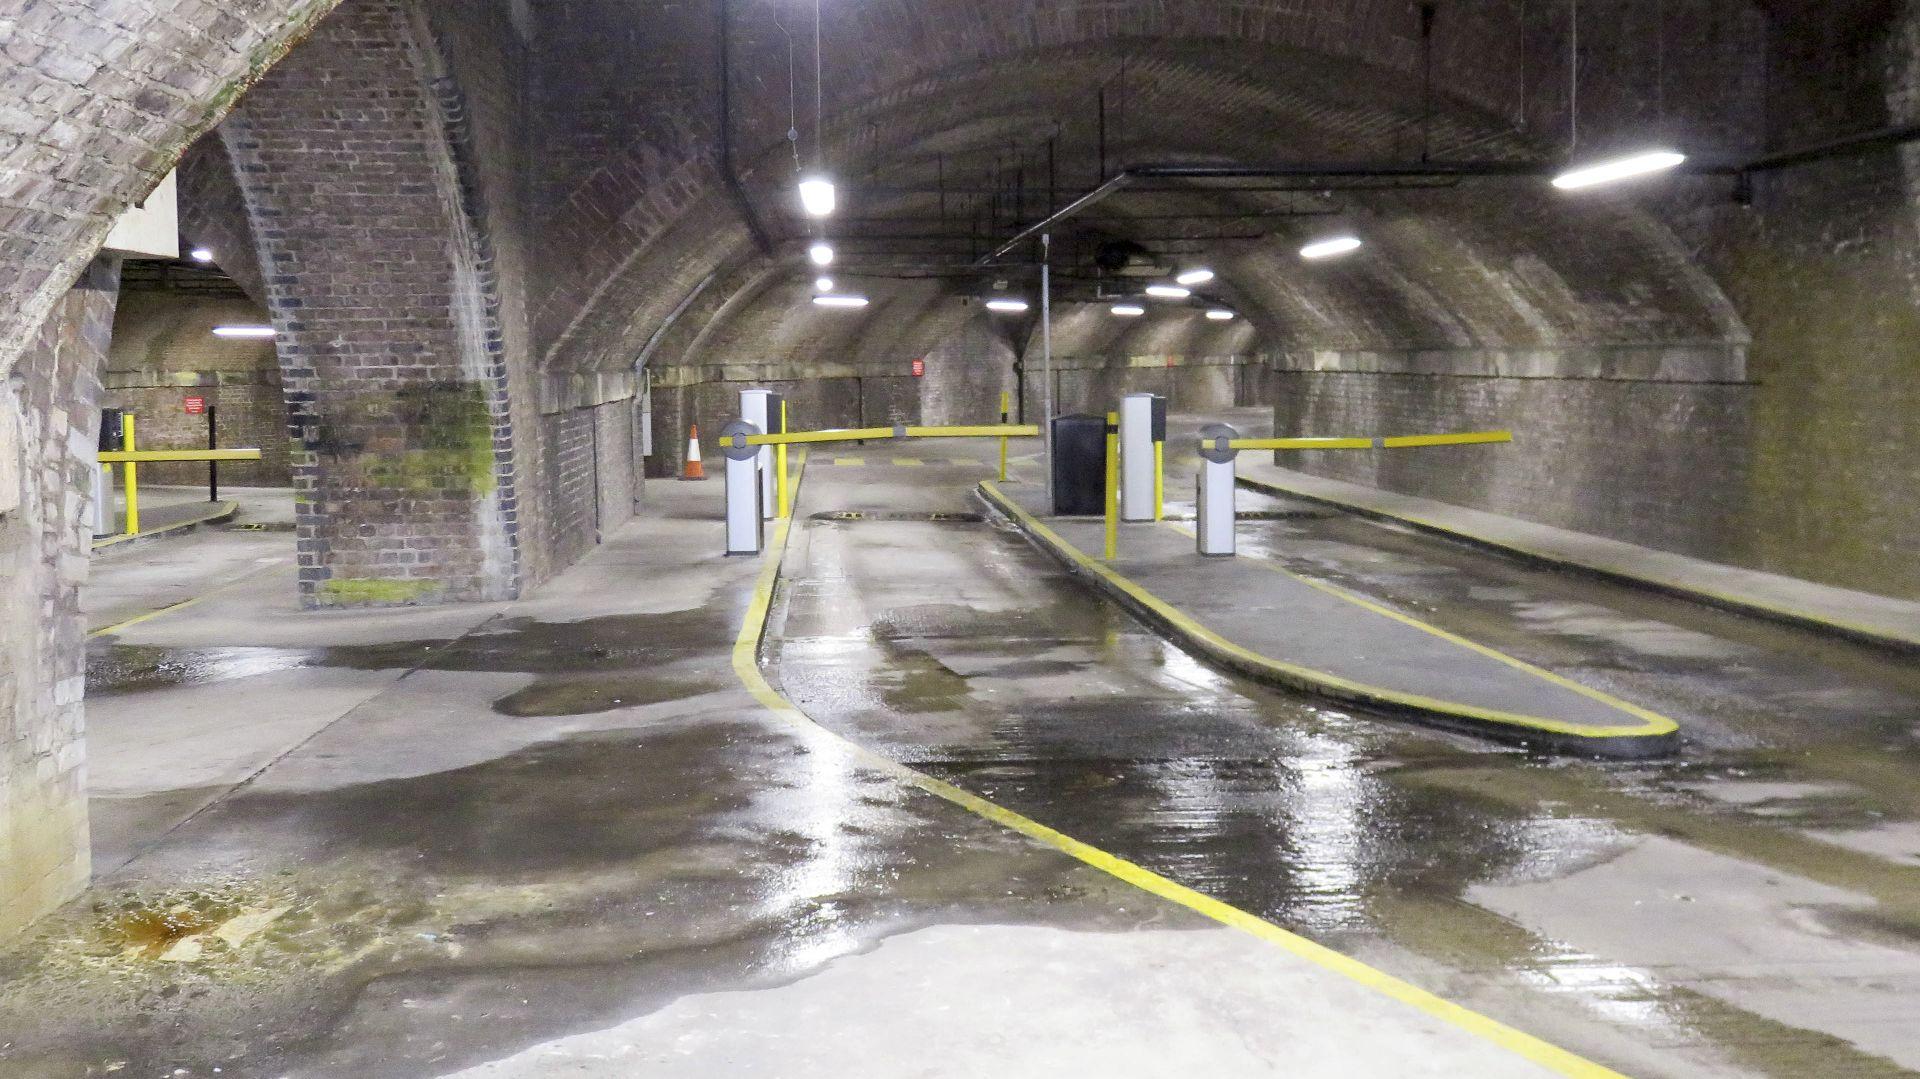 Deansgate Car Park Manchester